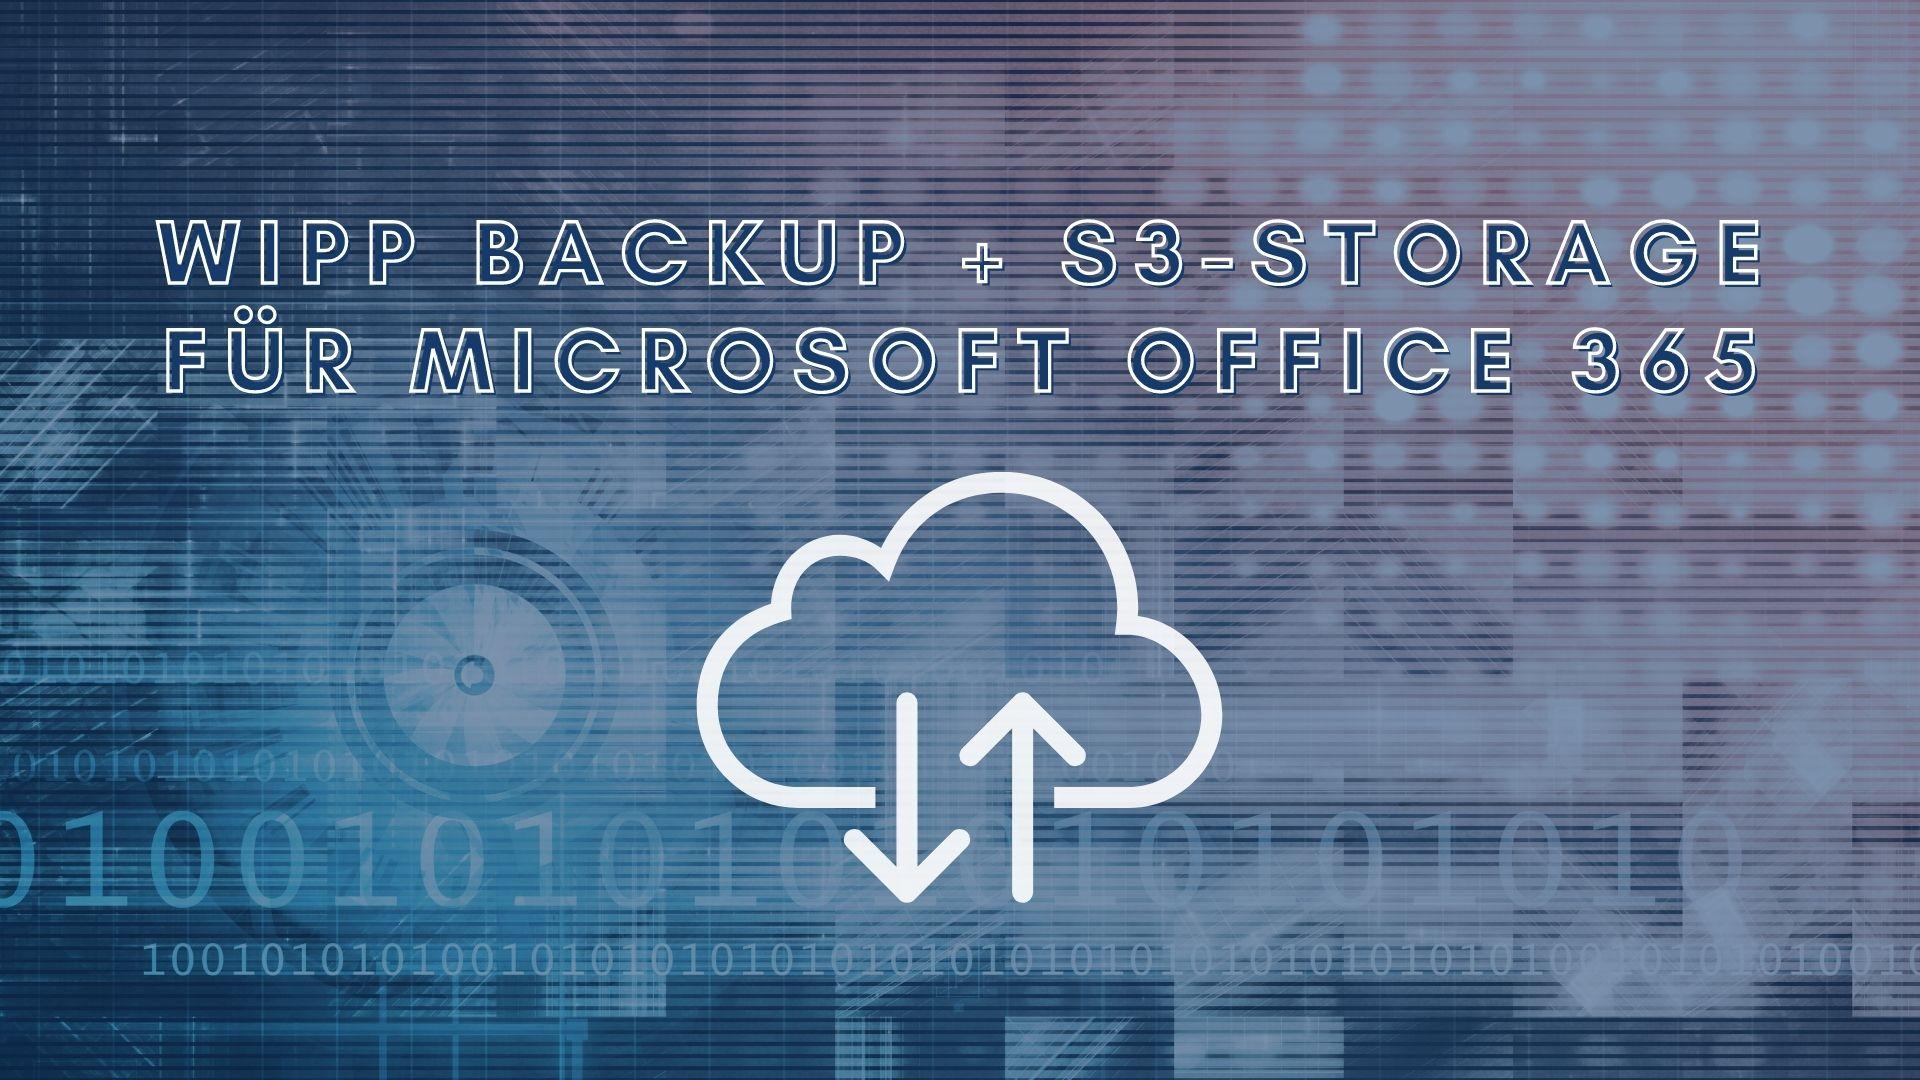 Wipp Backup + S3-Storage für Offcie 365